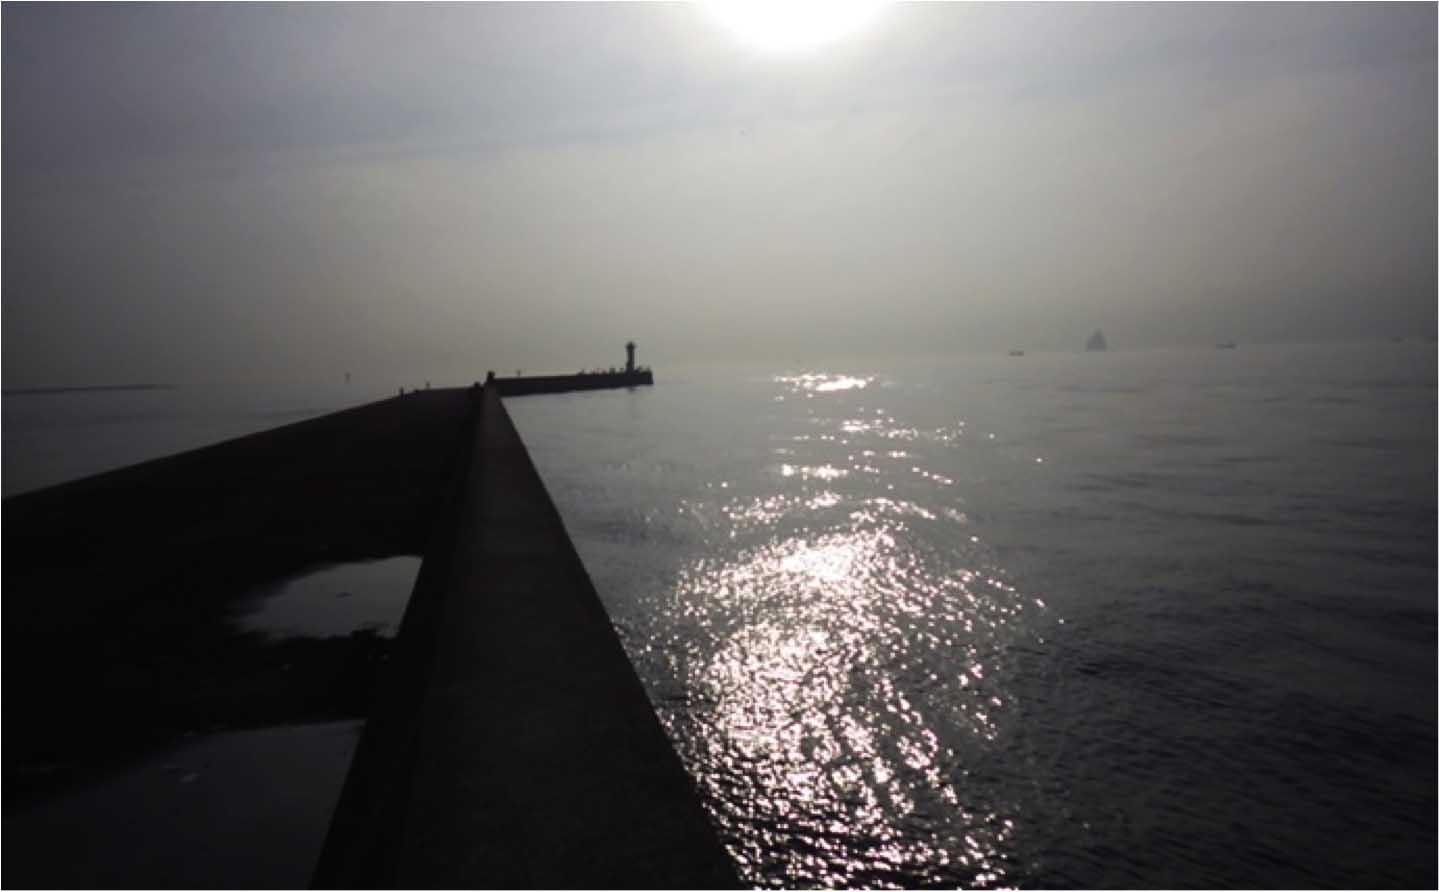 全長3km超の沖堤防でエギタコ釣り 水潮に苦戦し2杯【川崎新堤防】